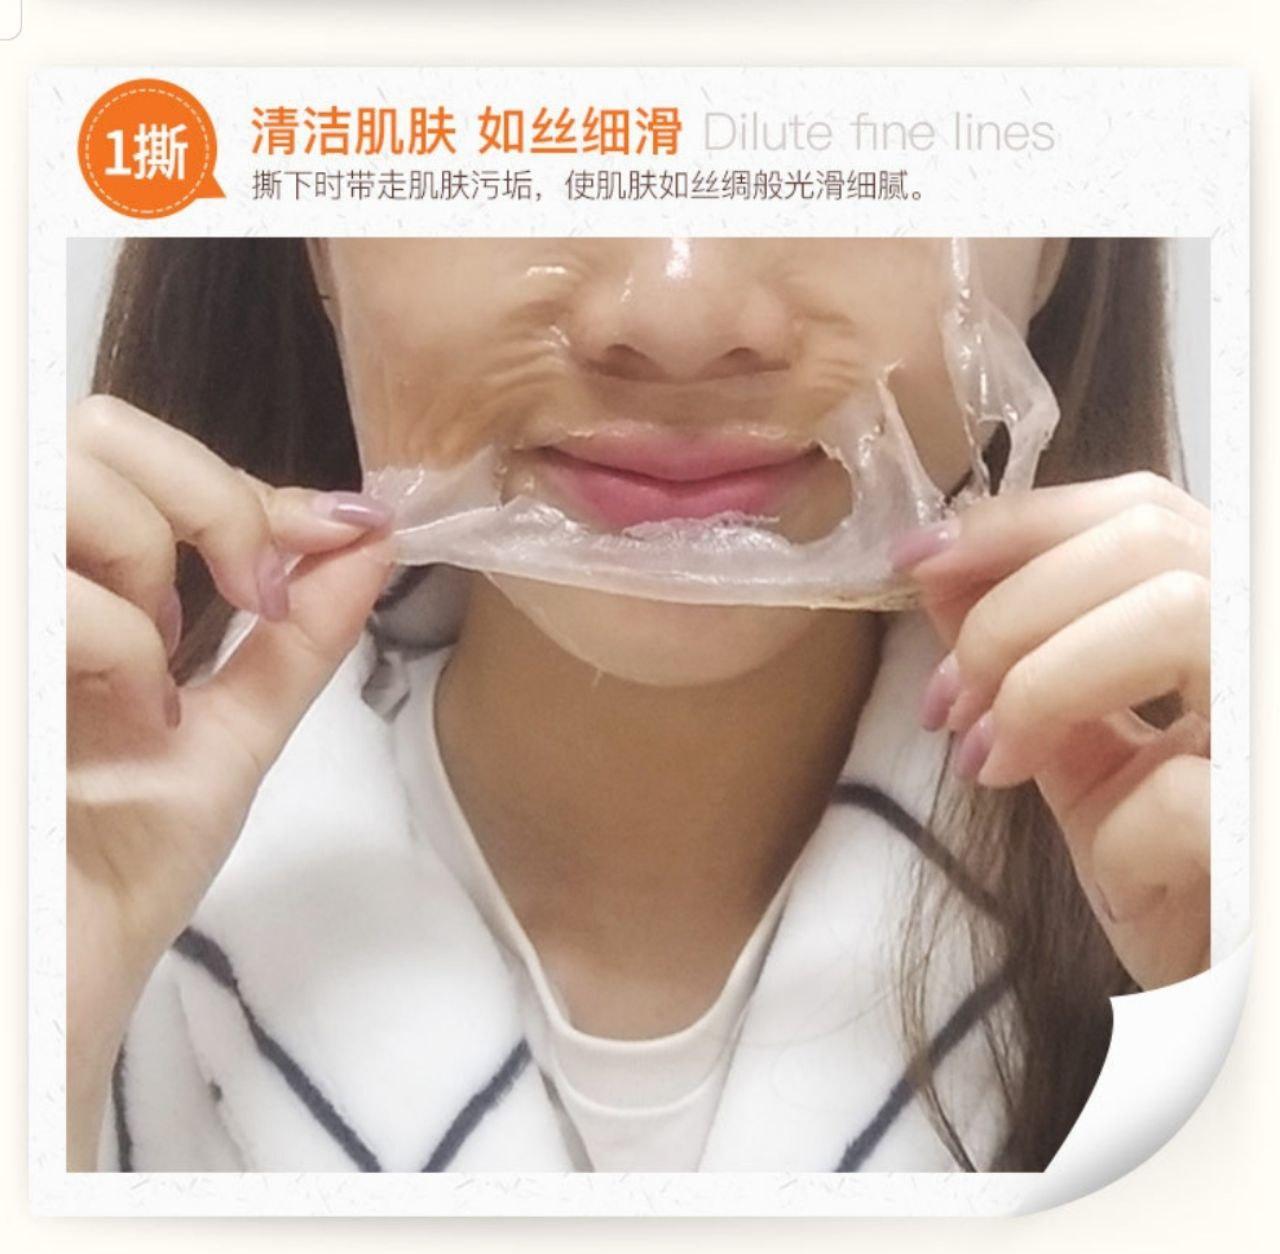 ماسک کاسه ای عسل ایمیجز